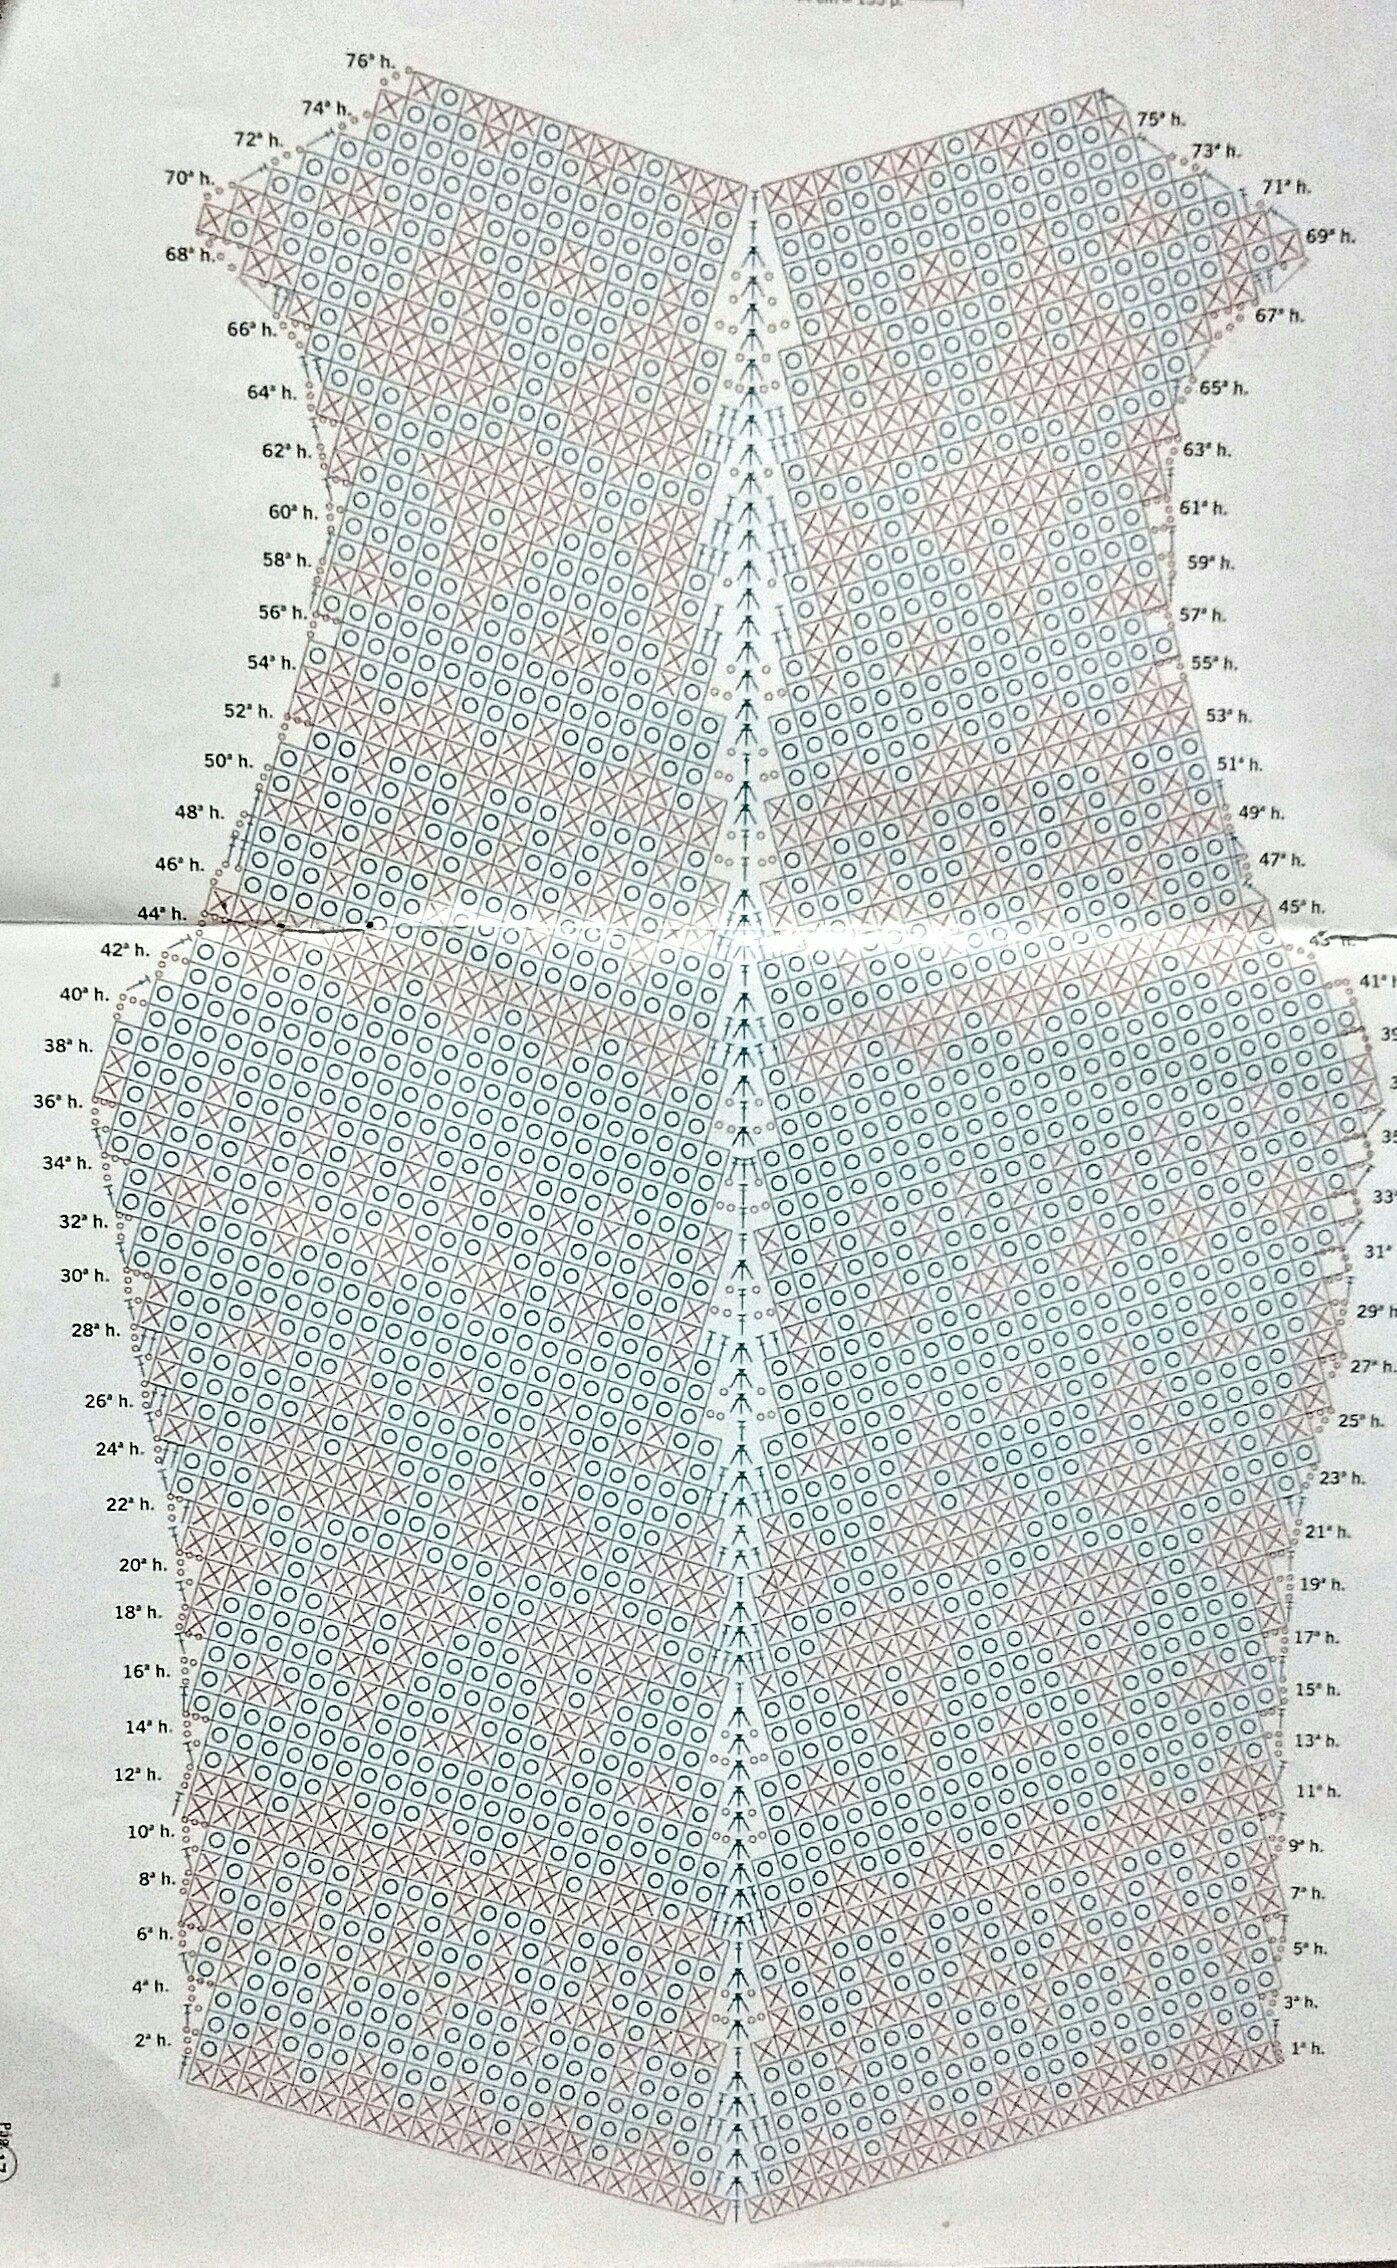 Musculosa crochet _espalda | Crochet | Pinterest | Musculosa y Espalda